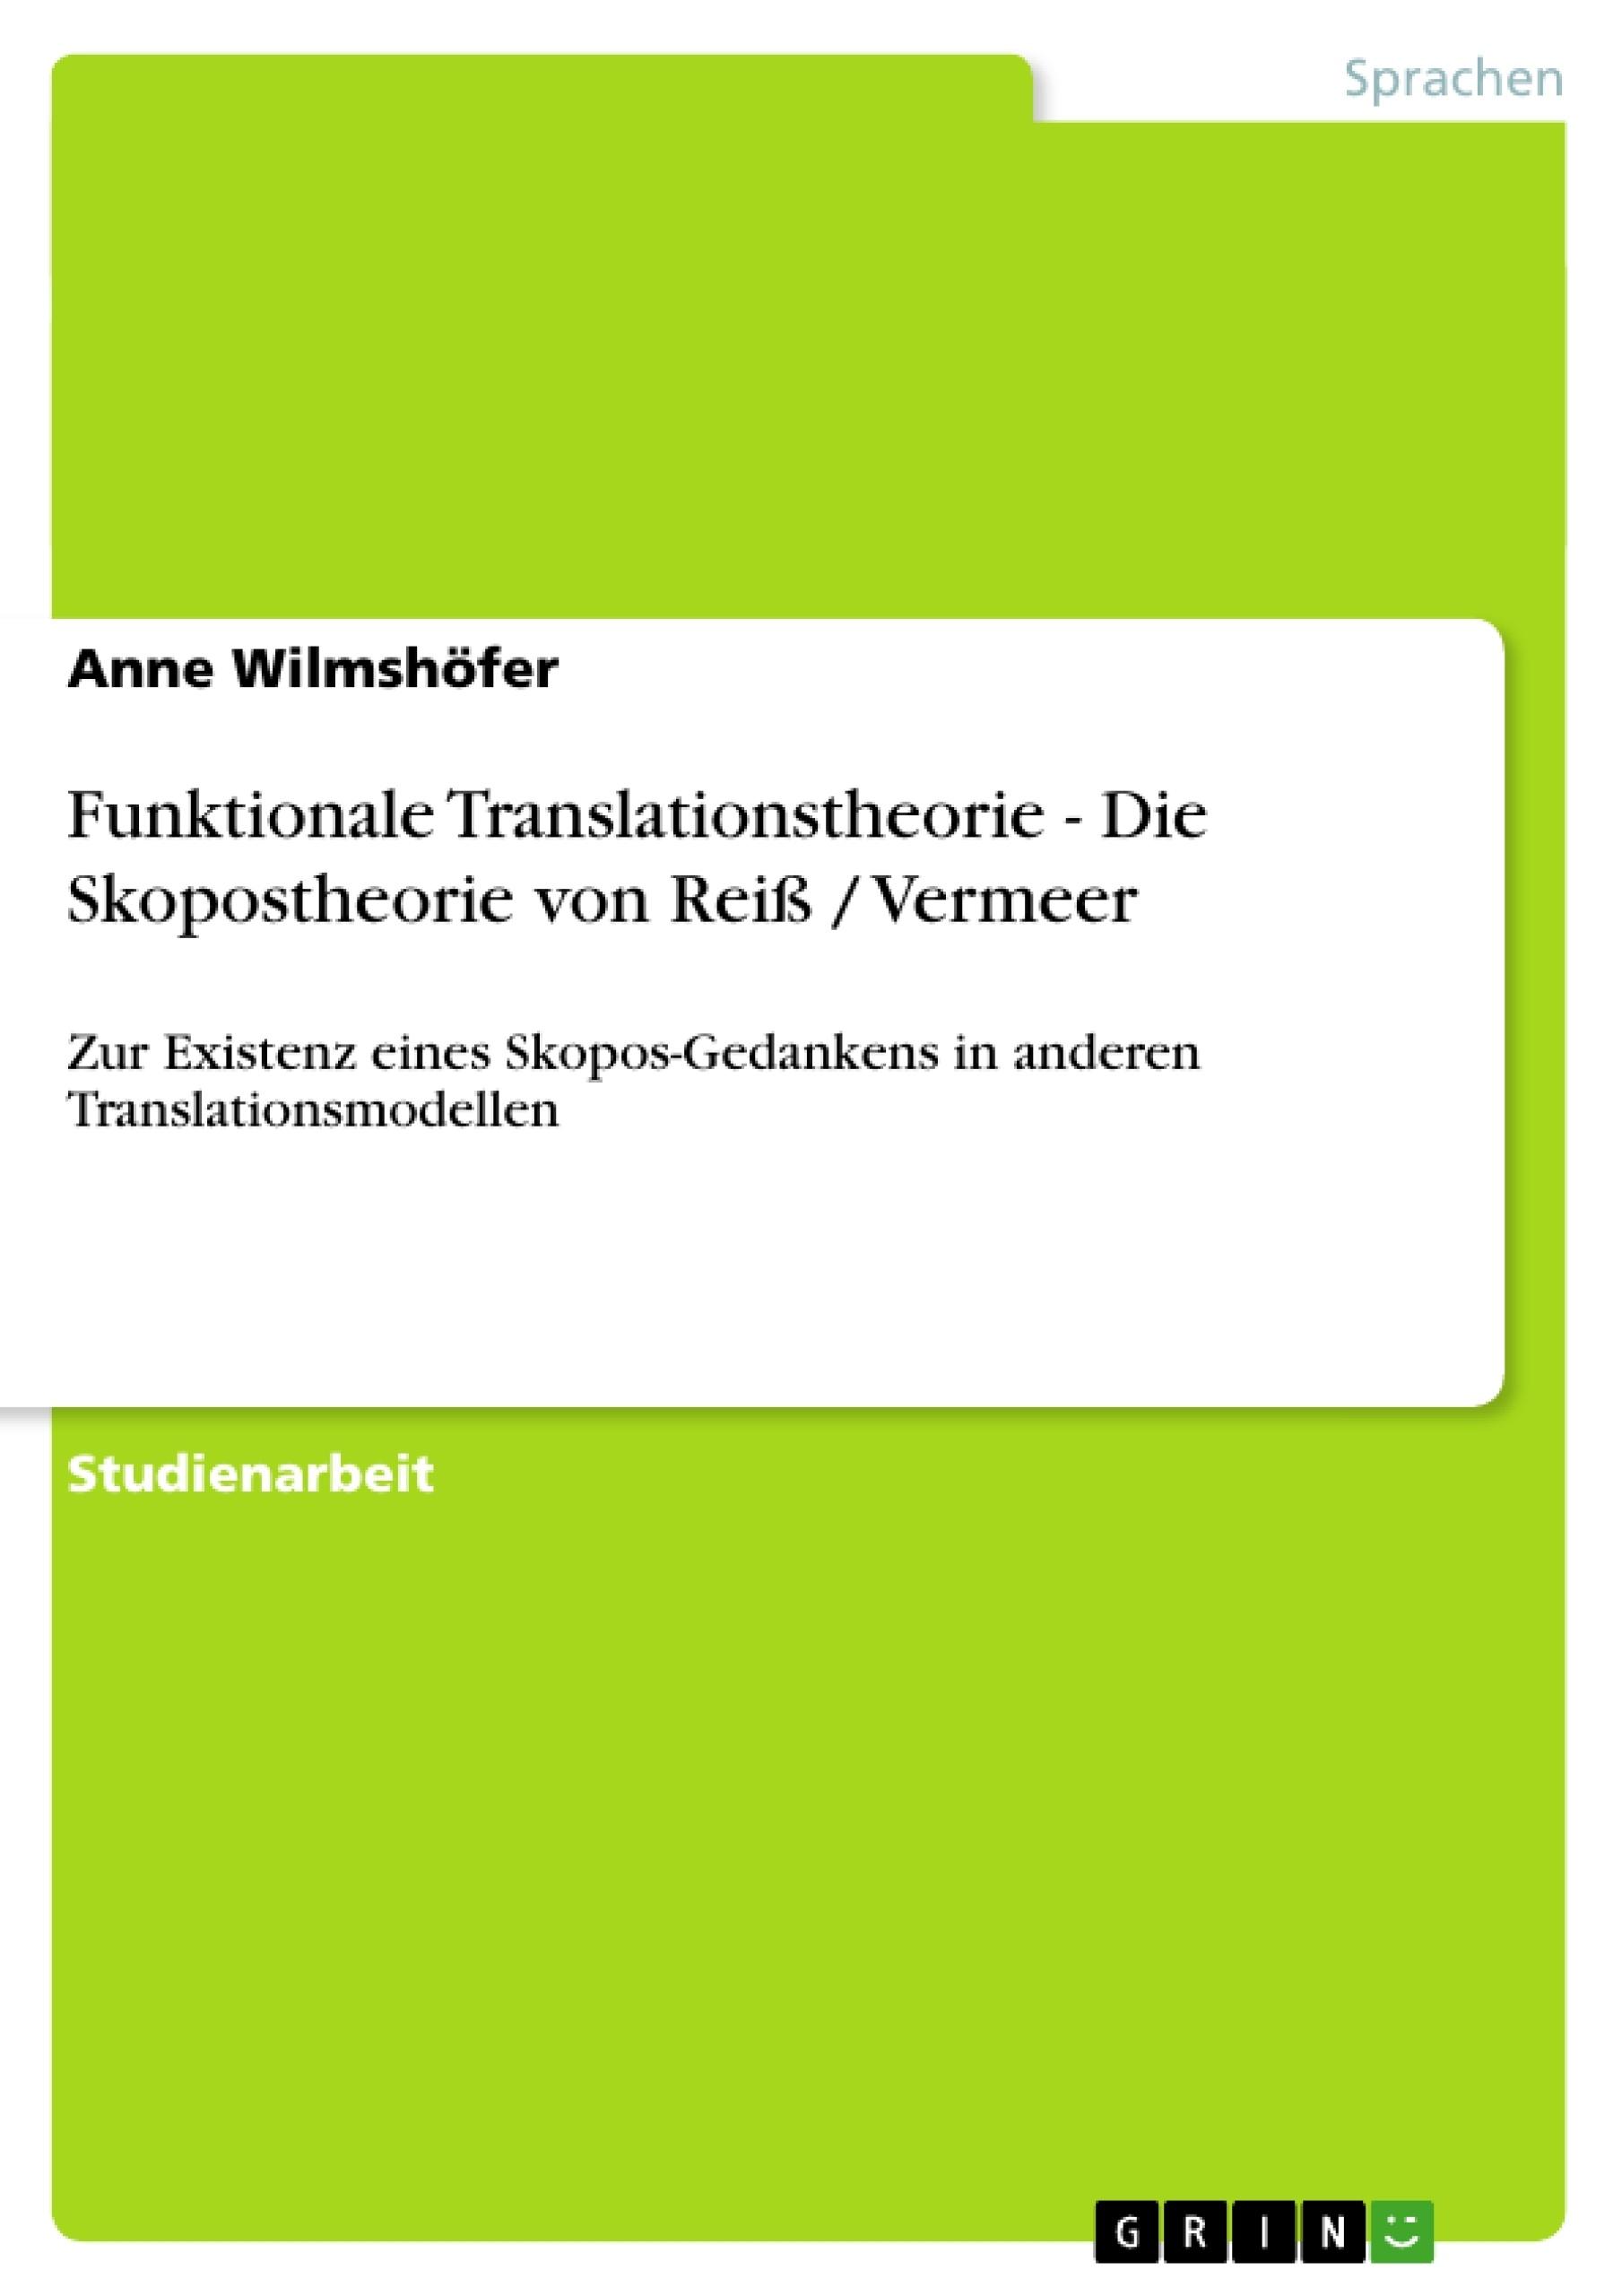 Titel: Funktionale Translationstheorie - Die Skopostheorie von Reiß / Vermeer